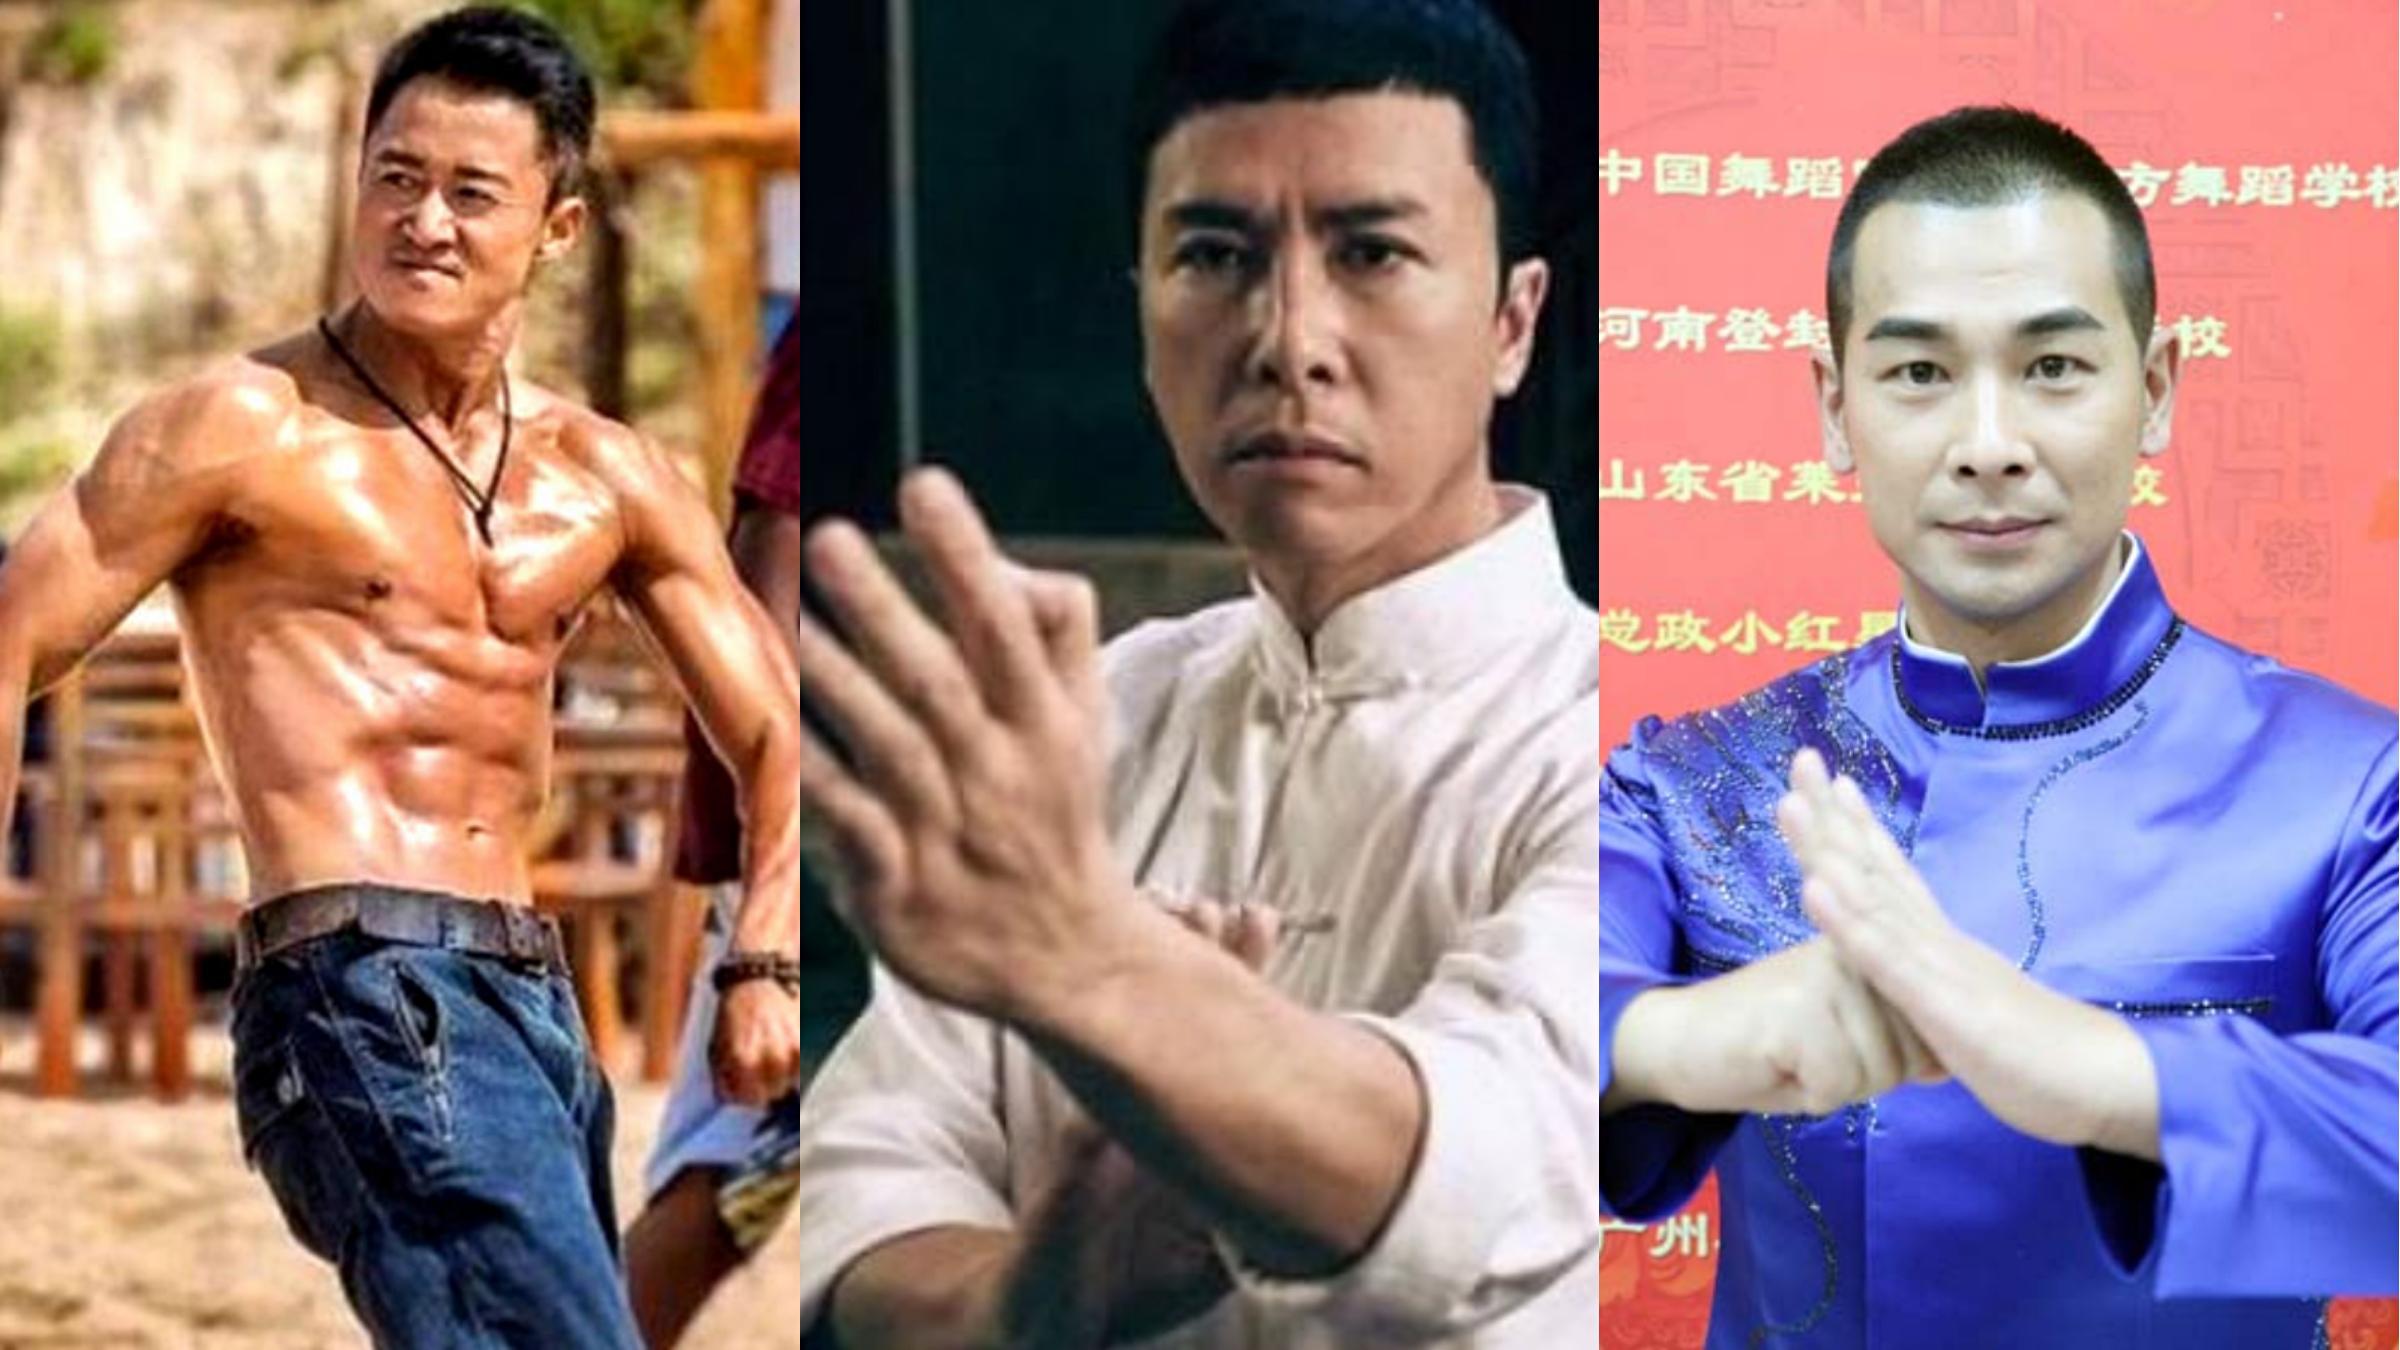 假如同处巅峰的吴京、甄子丹、赵文卓三人同台真实格斗,谁能赢?